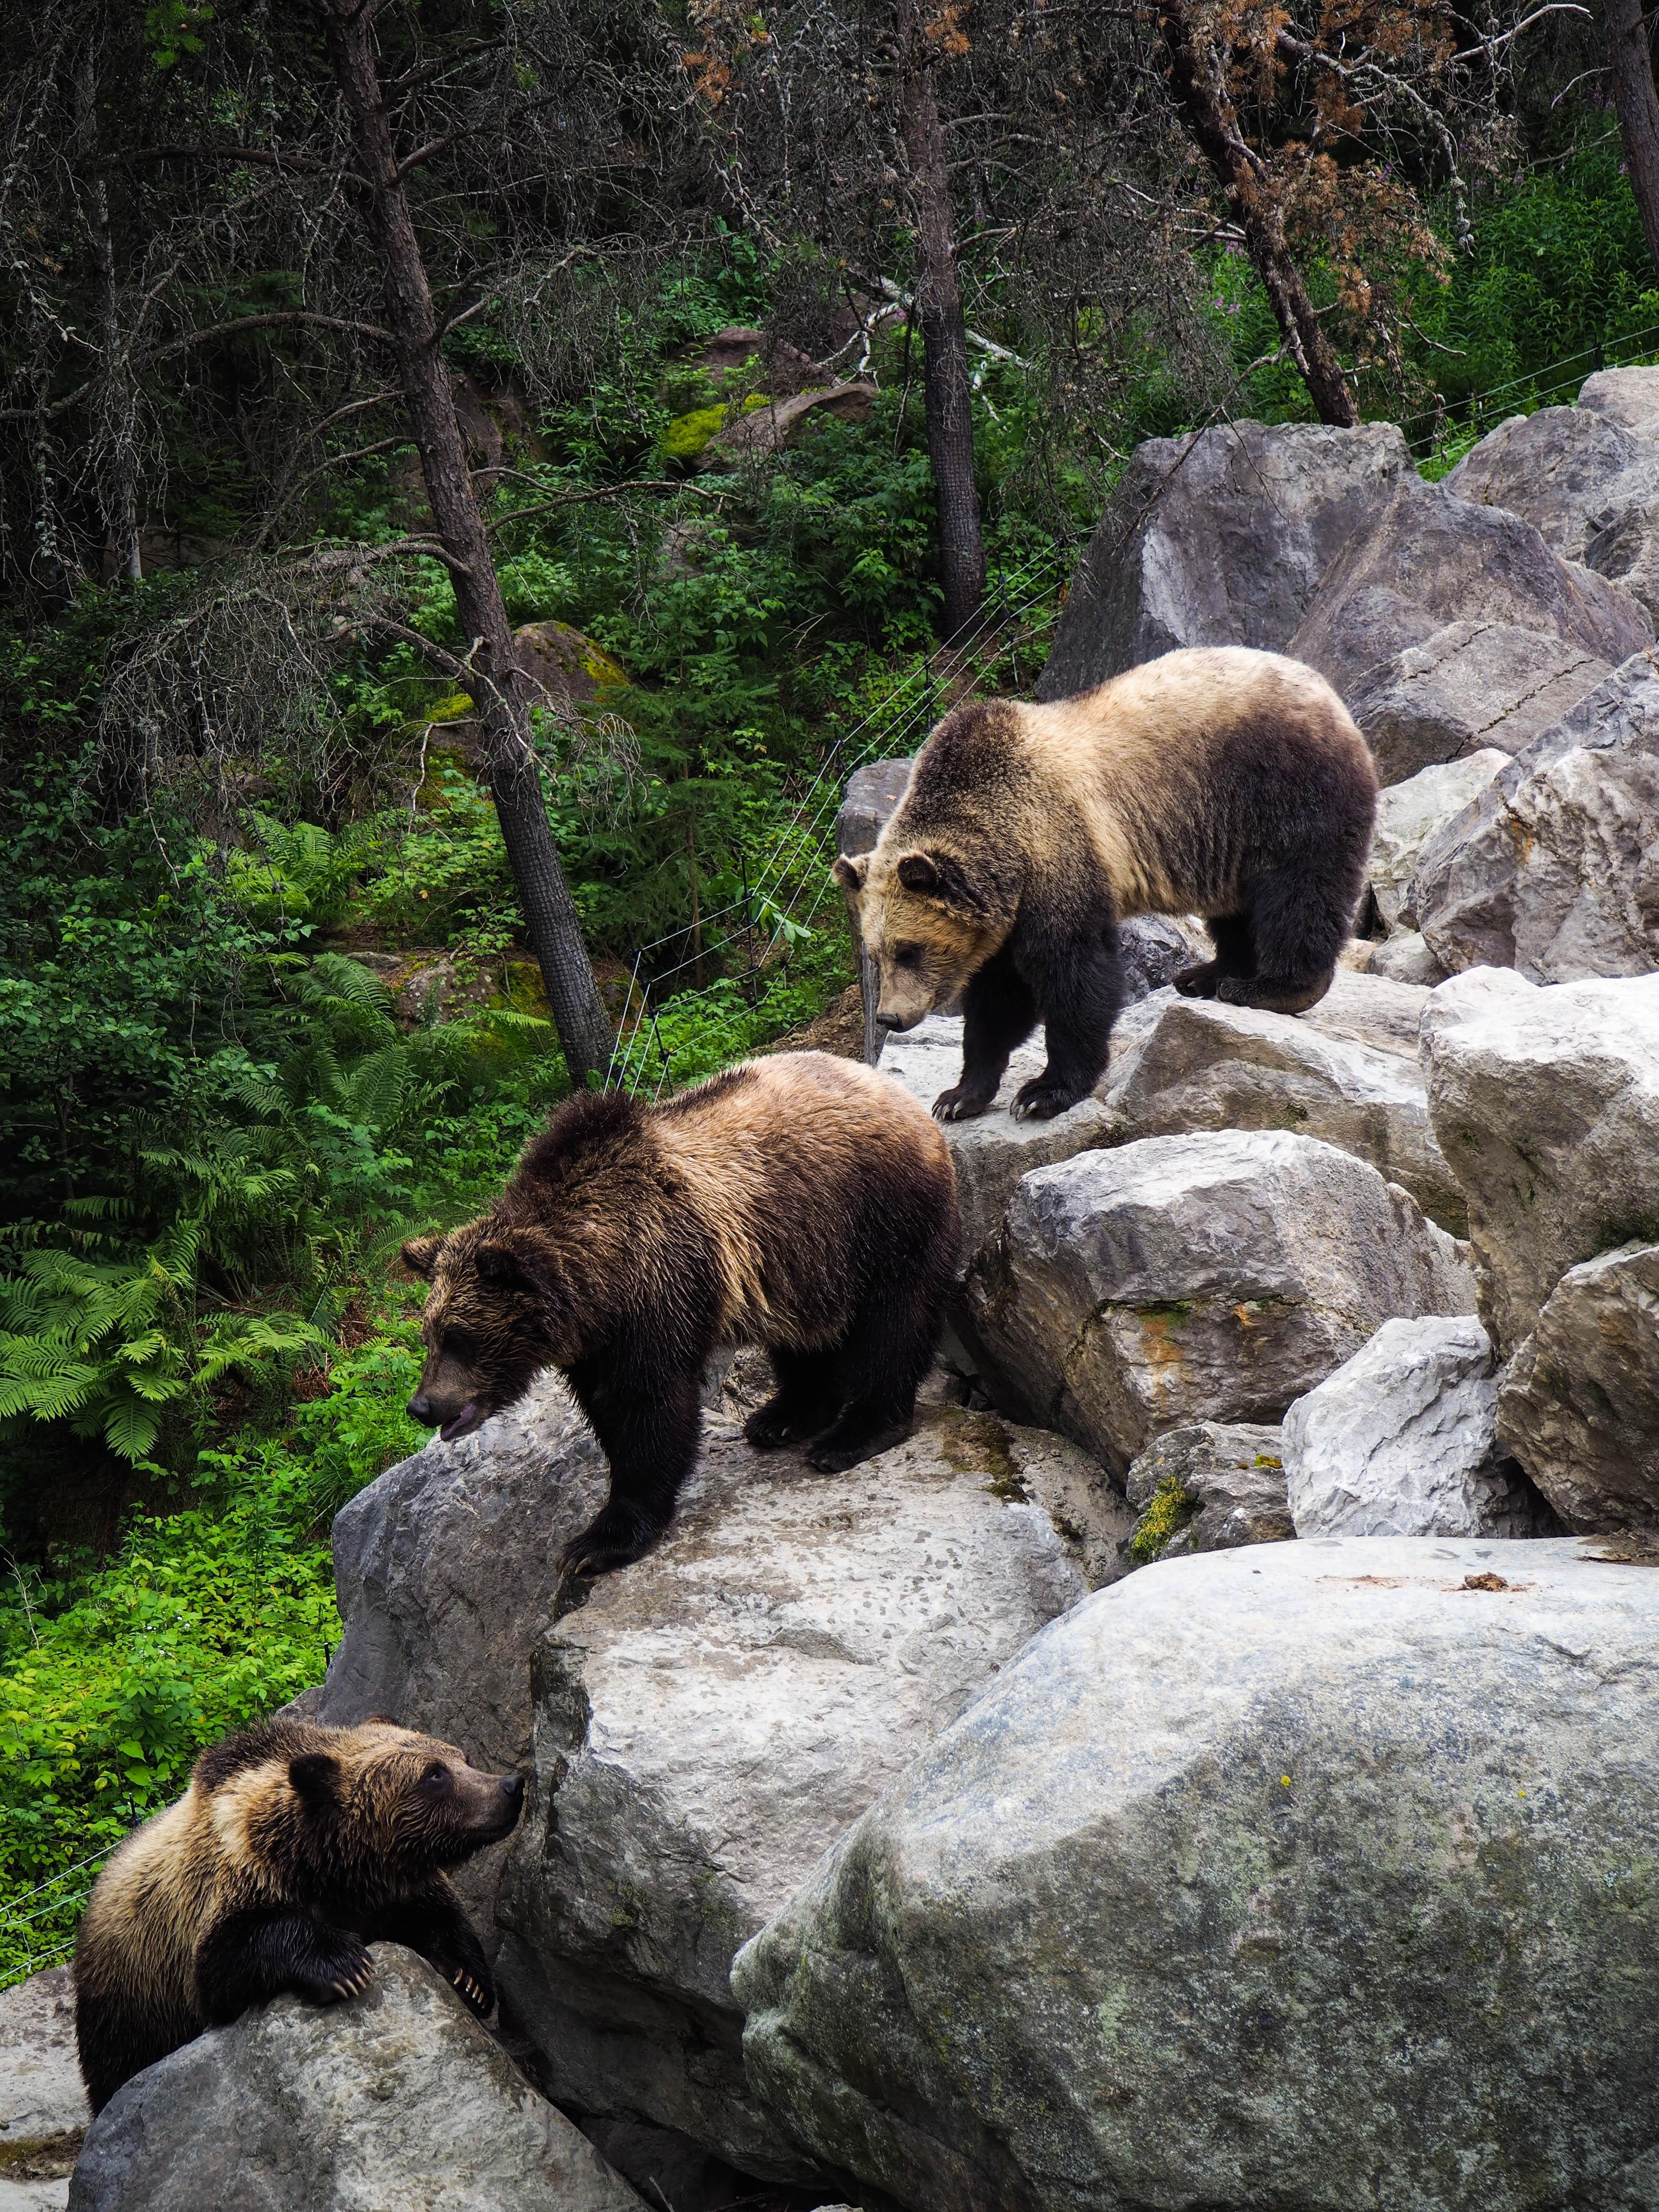 145278 Заставки и Обои Медведи на телефон. Скачать Медведи, Животные, Камни, Хищник, Бурый Медведь картинки бесплатно